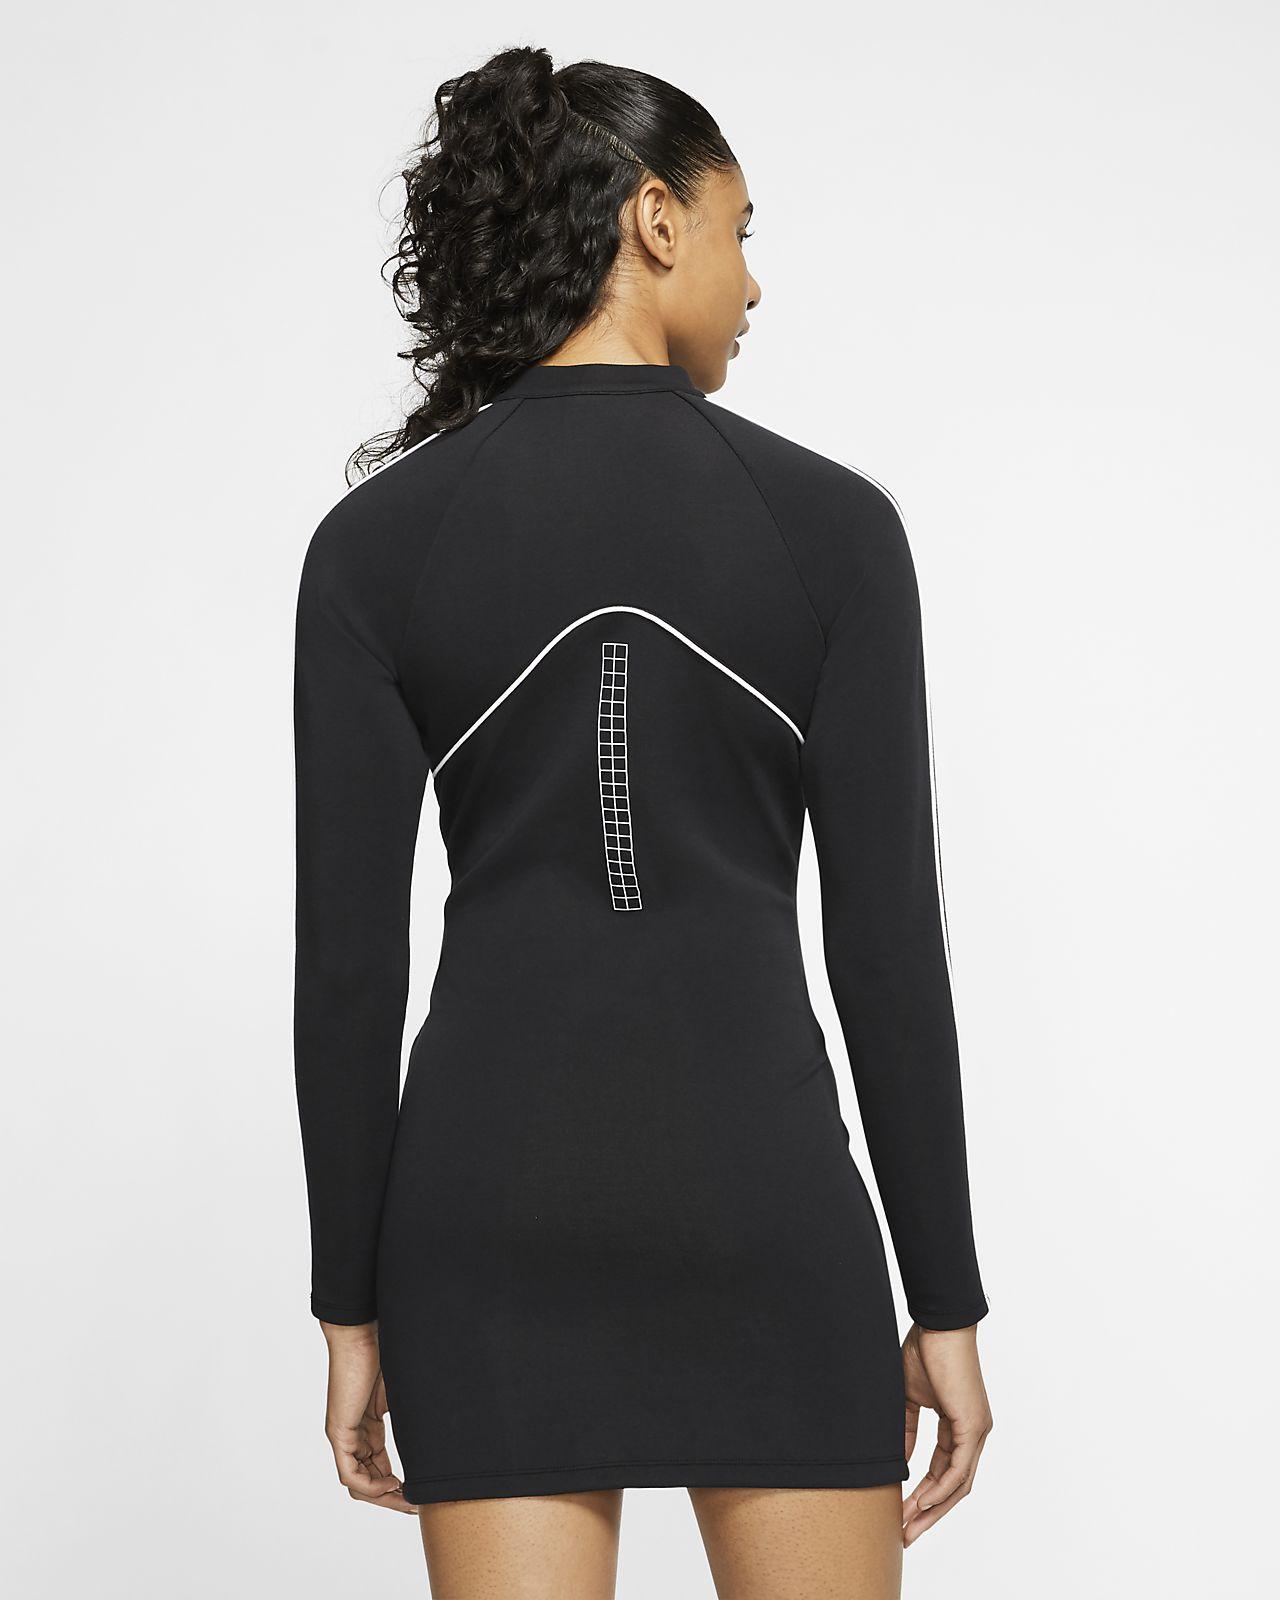 Women's Clothing. Nike AU